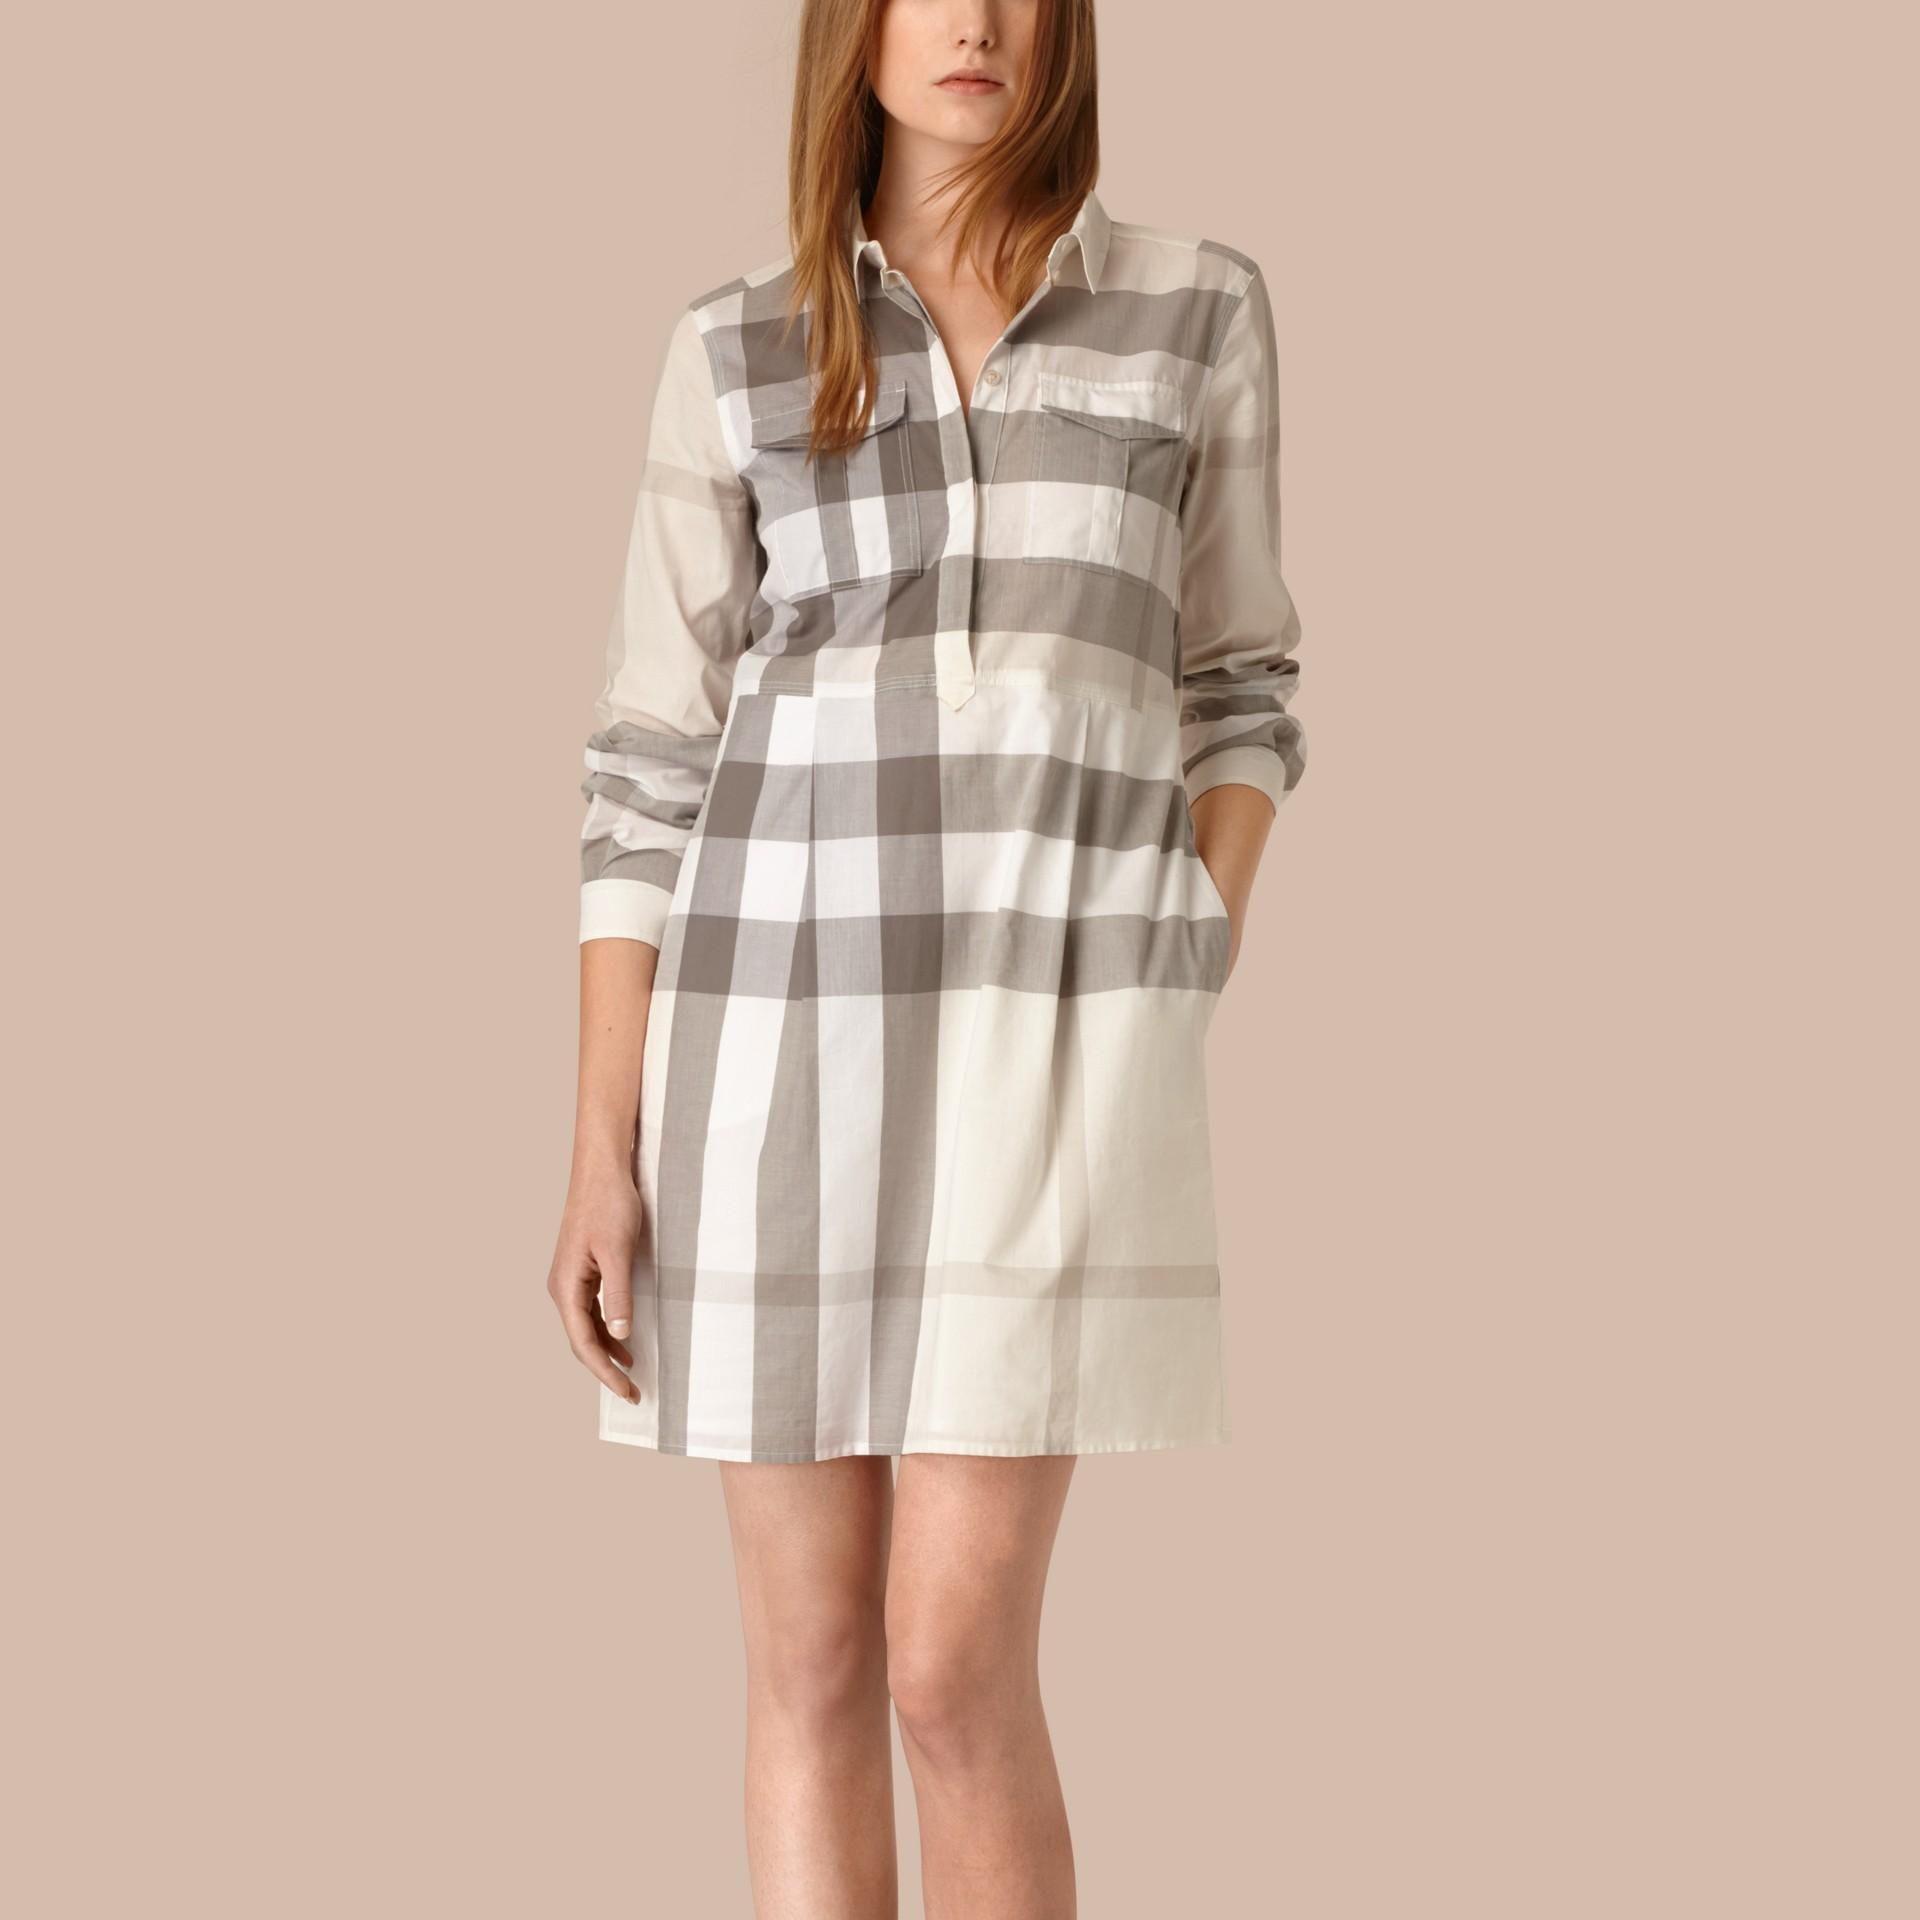 Natural Vestido camisa de algodão com estampa xadrez Natural - galeria de imagens 1